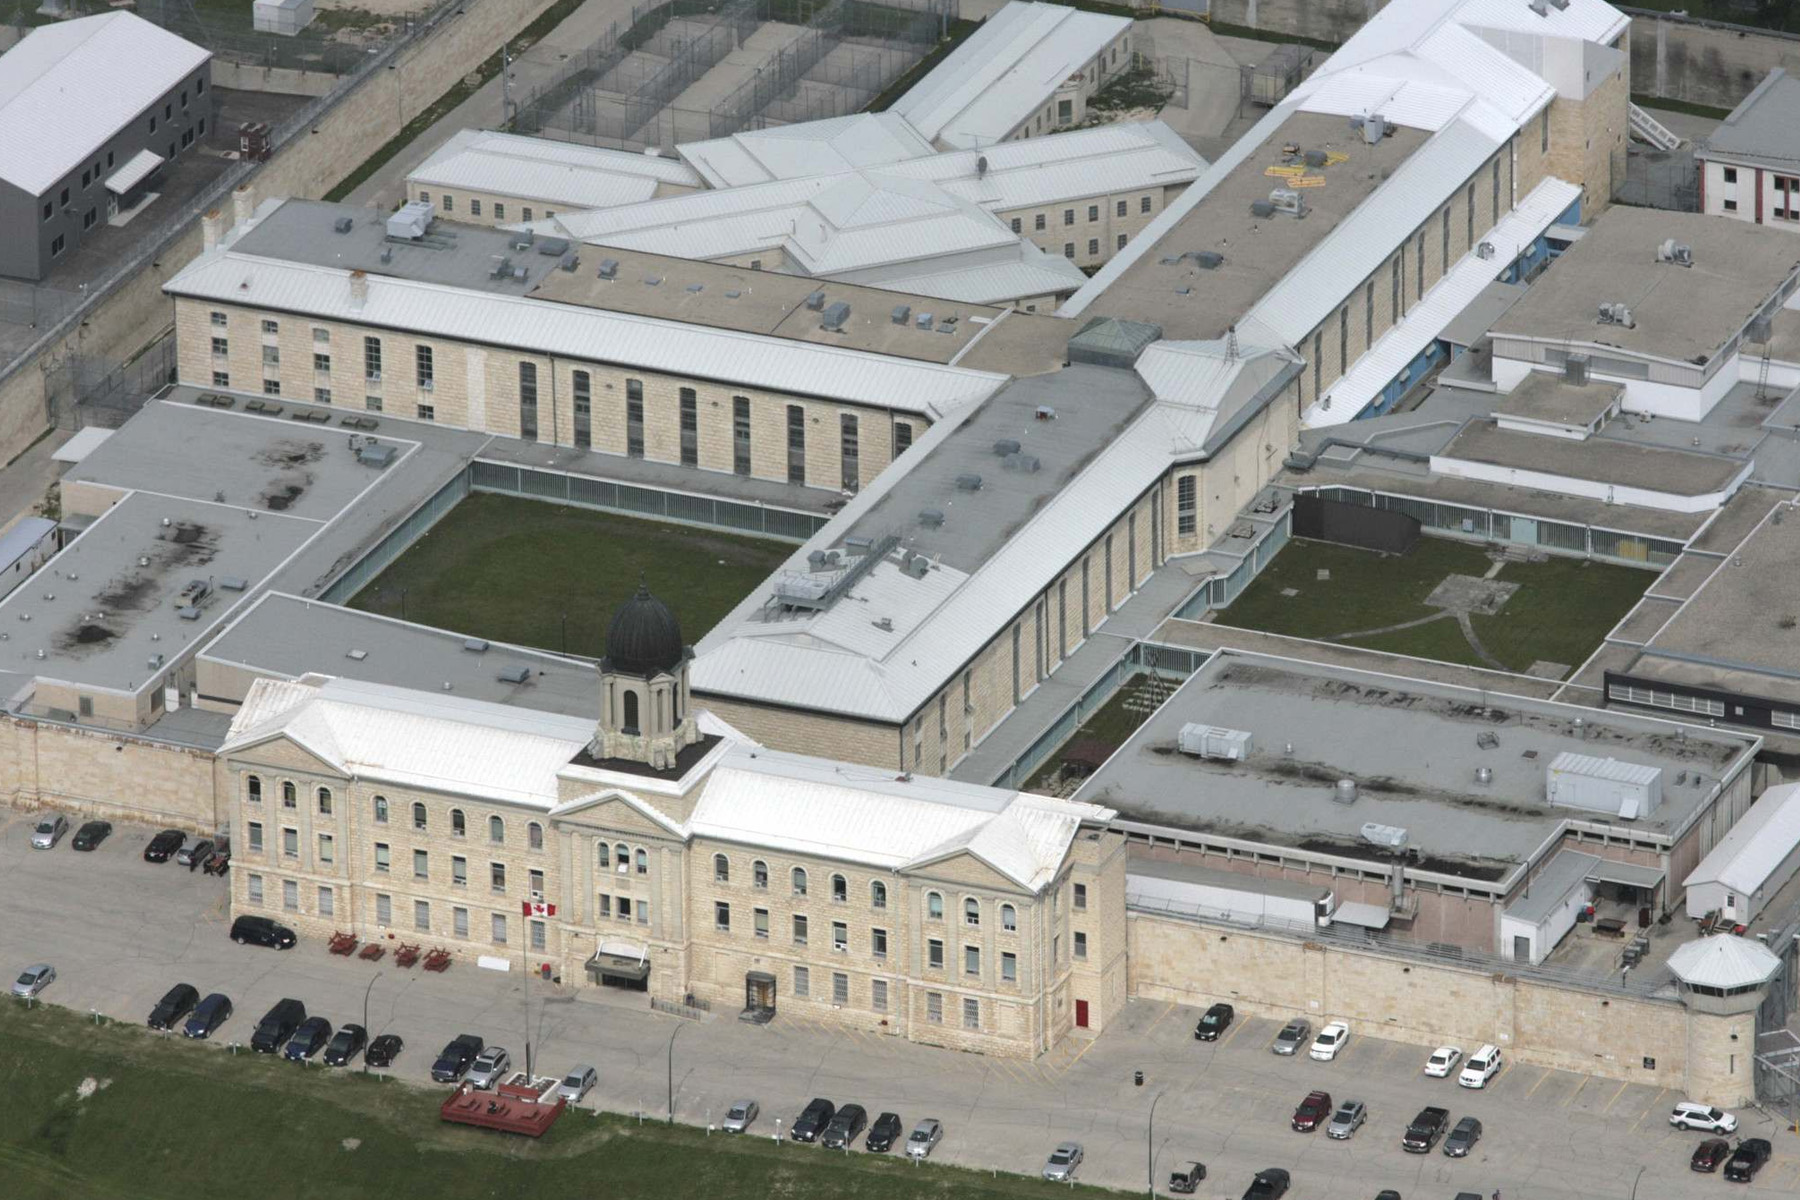 کشف و ضبط بیش از 360 هزار دلار کالای قاچاق در زندان استونی مانتین وینیپگ